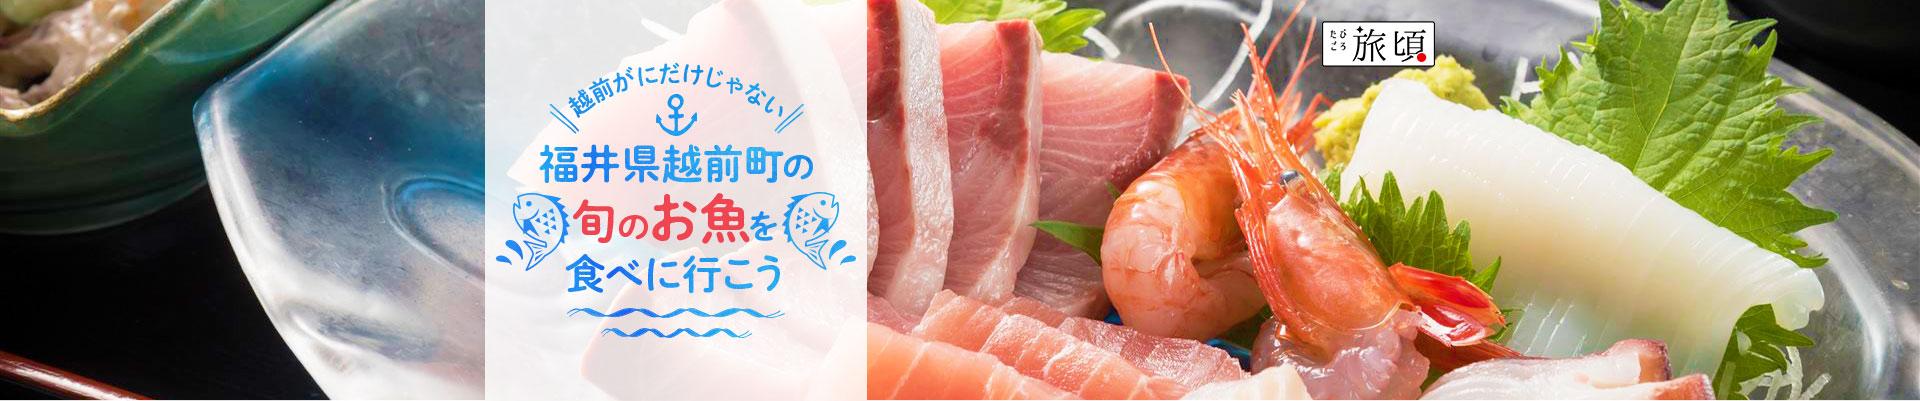 越前町の旬のお魚を食べに行こう